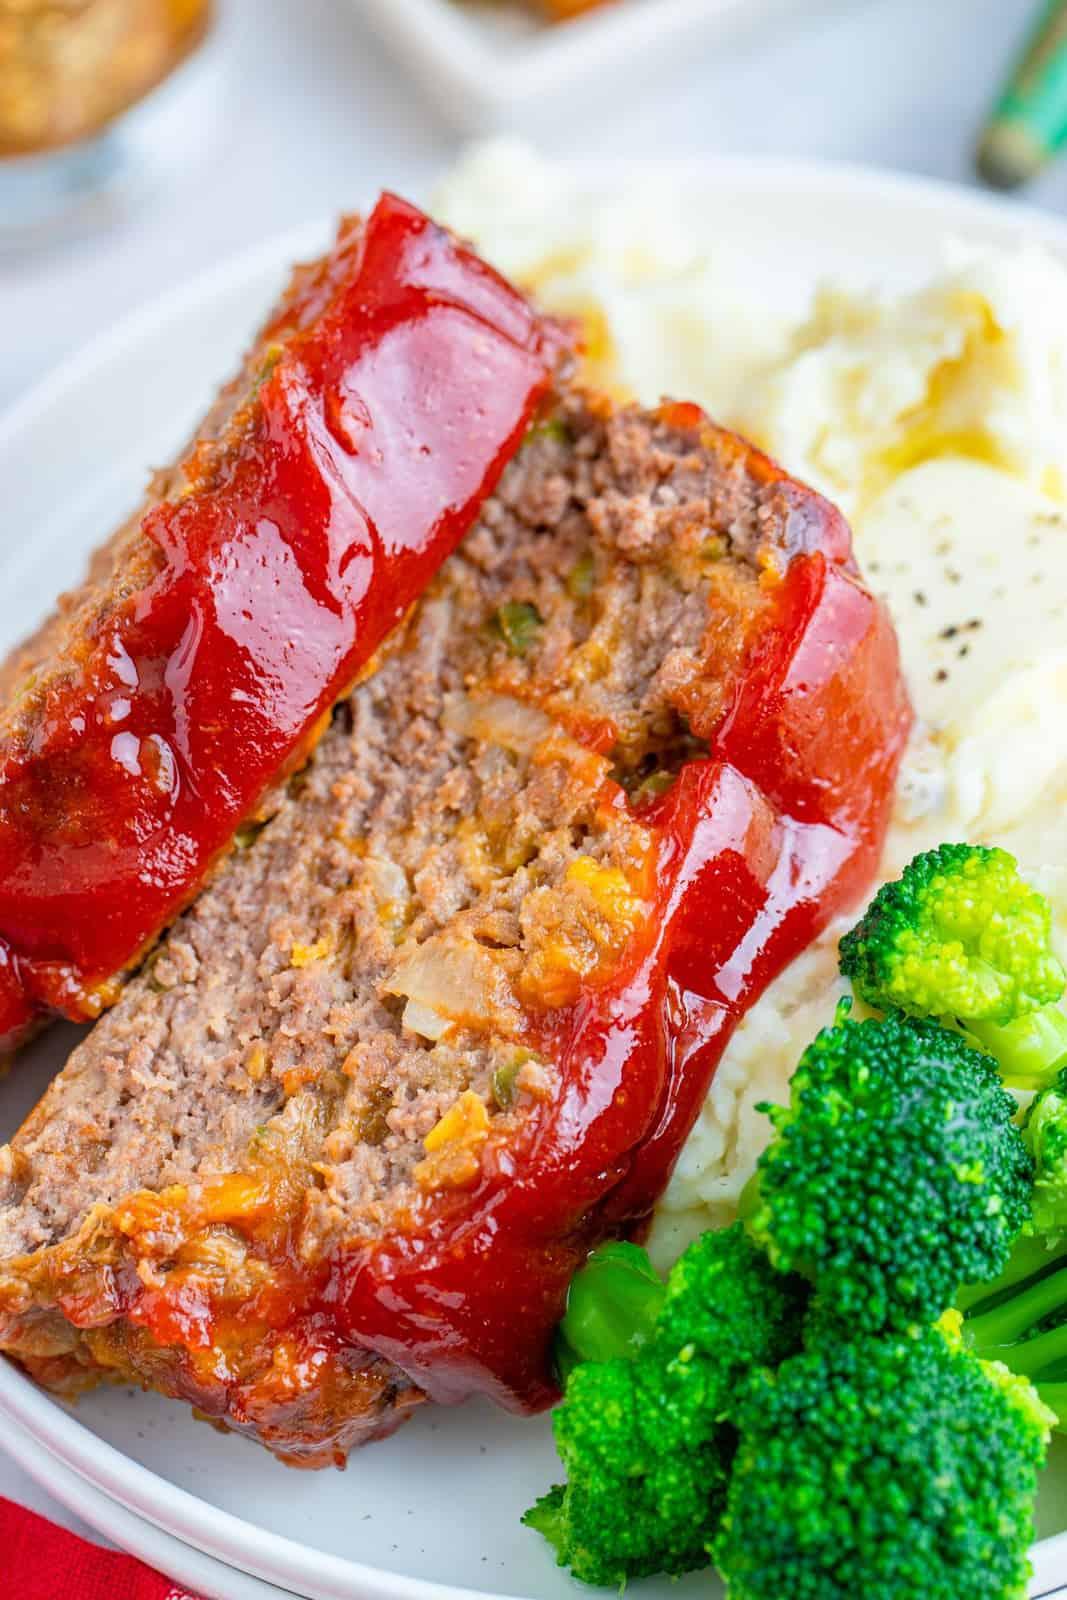 Close up of slices of Cracker Barrel Meatloaf